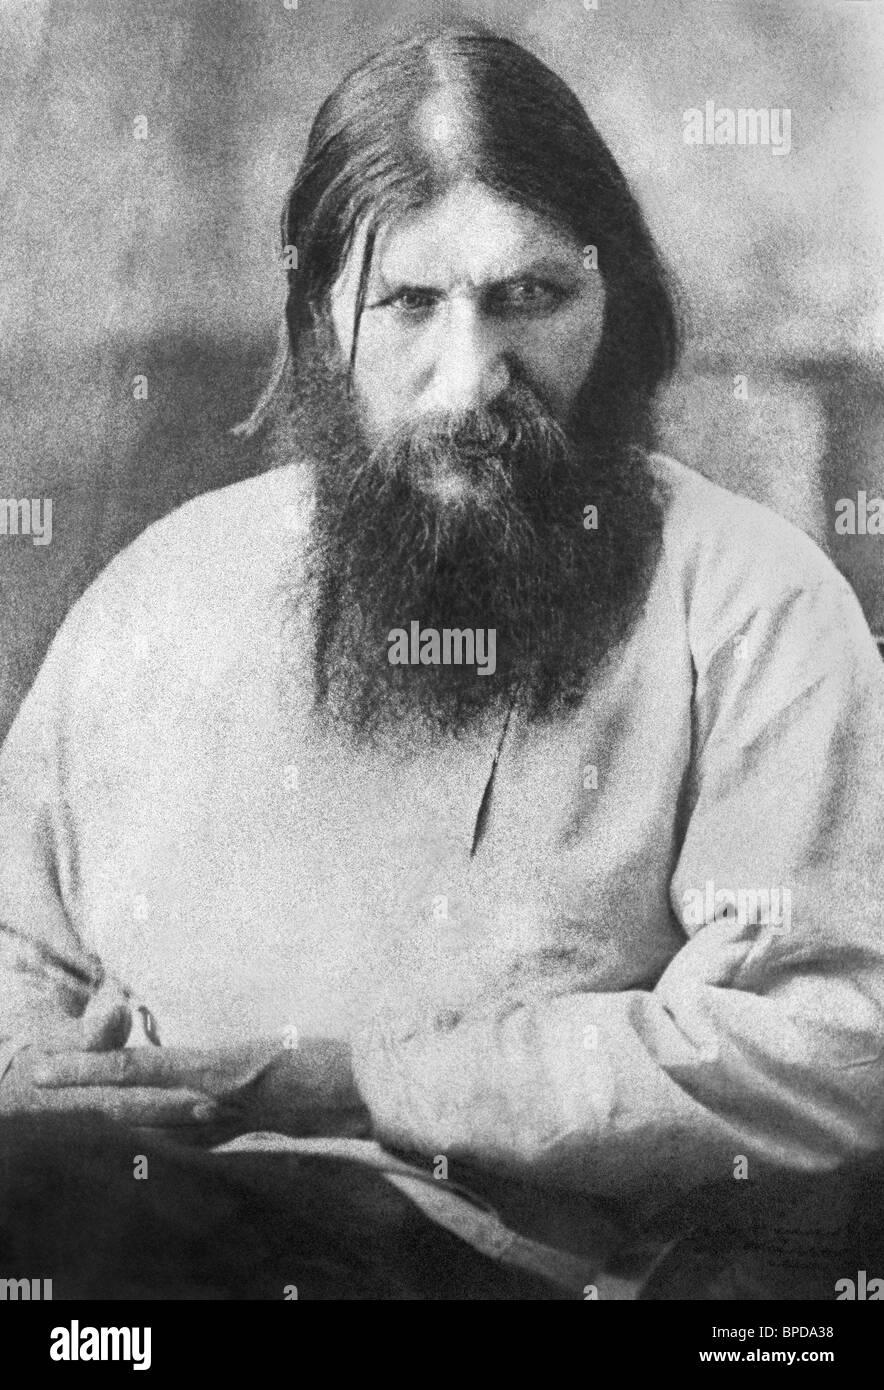 Grigory Rasputin, 1910 - Stock Image